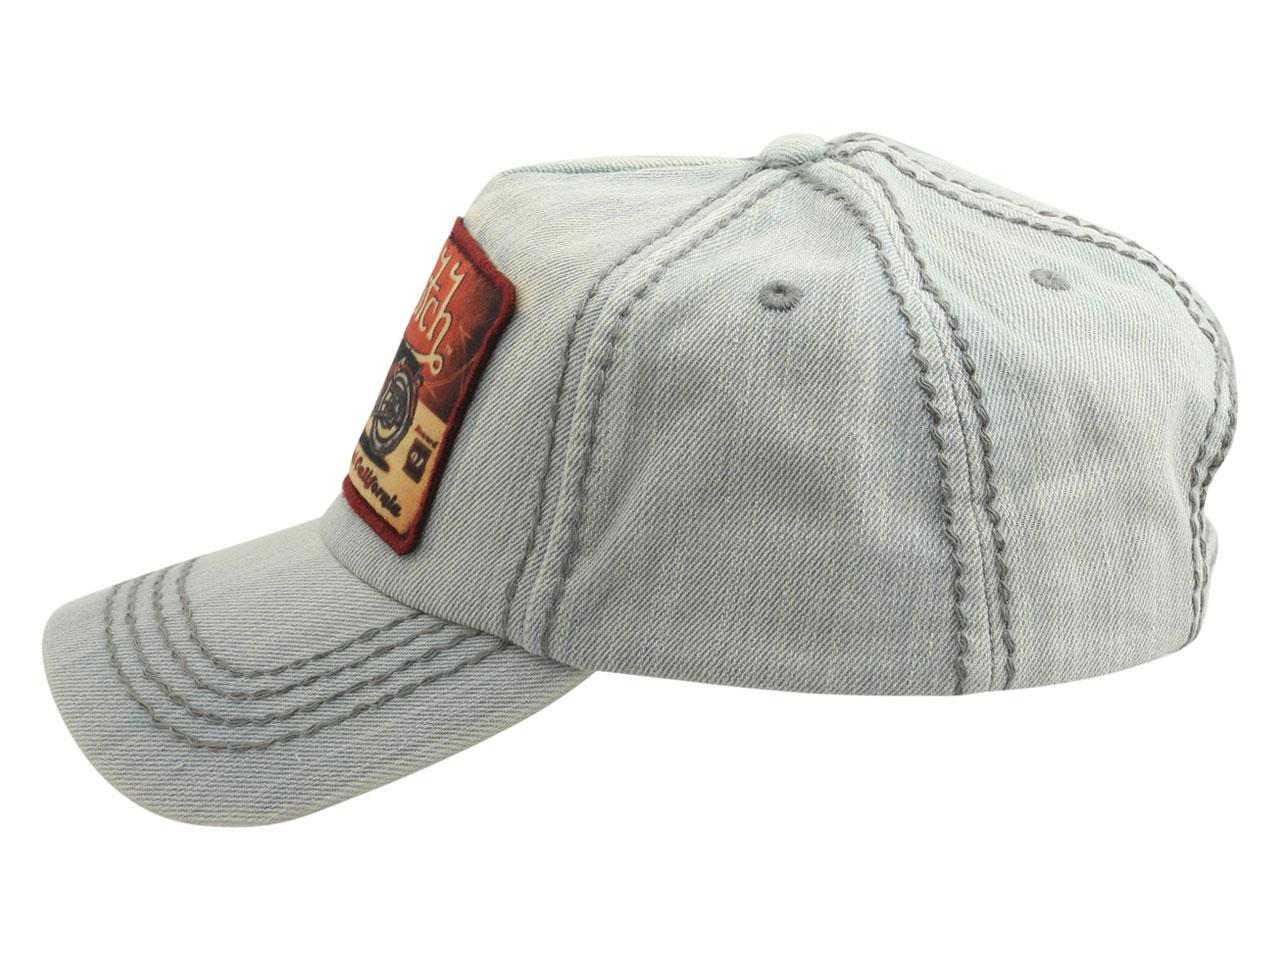 Von Dutch Men s Moto Patch Cotton Strapback Cap Hat by Von Dutch a47393a03111